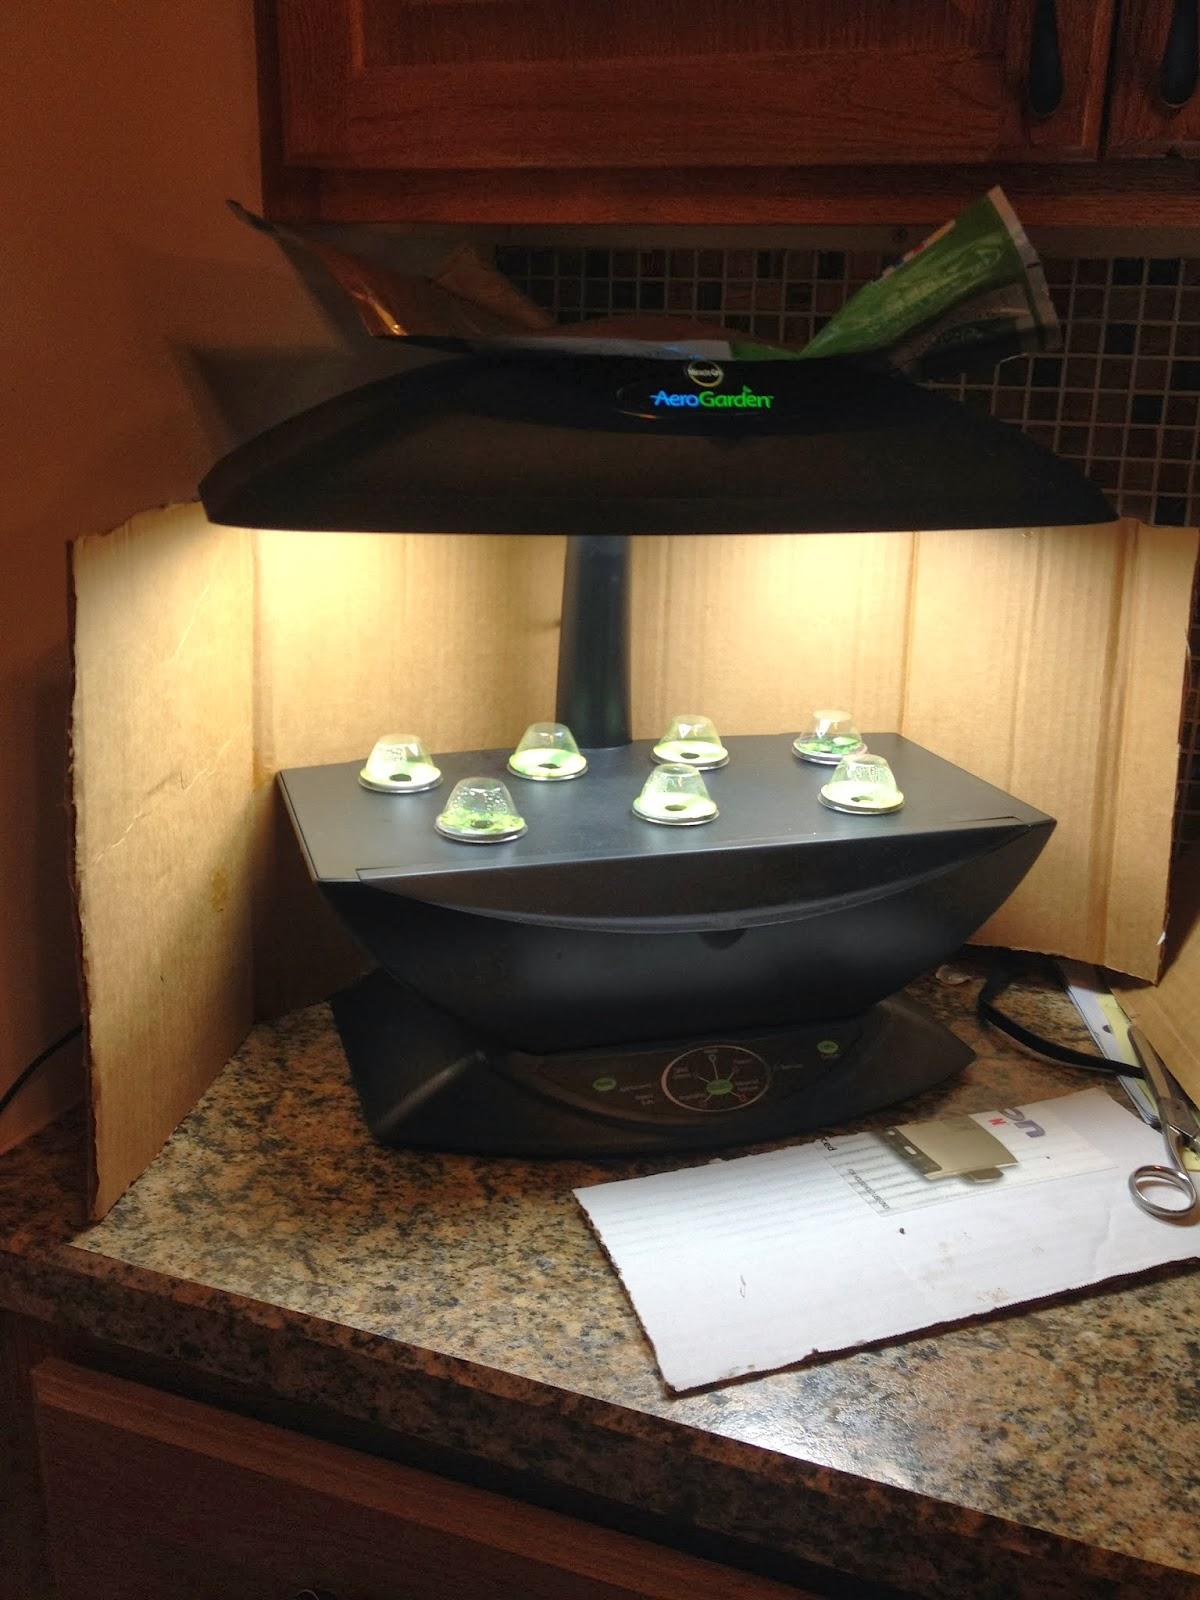 AeroGarden Power-Grow Light Boosters